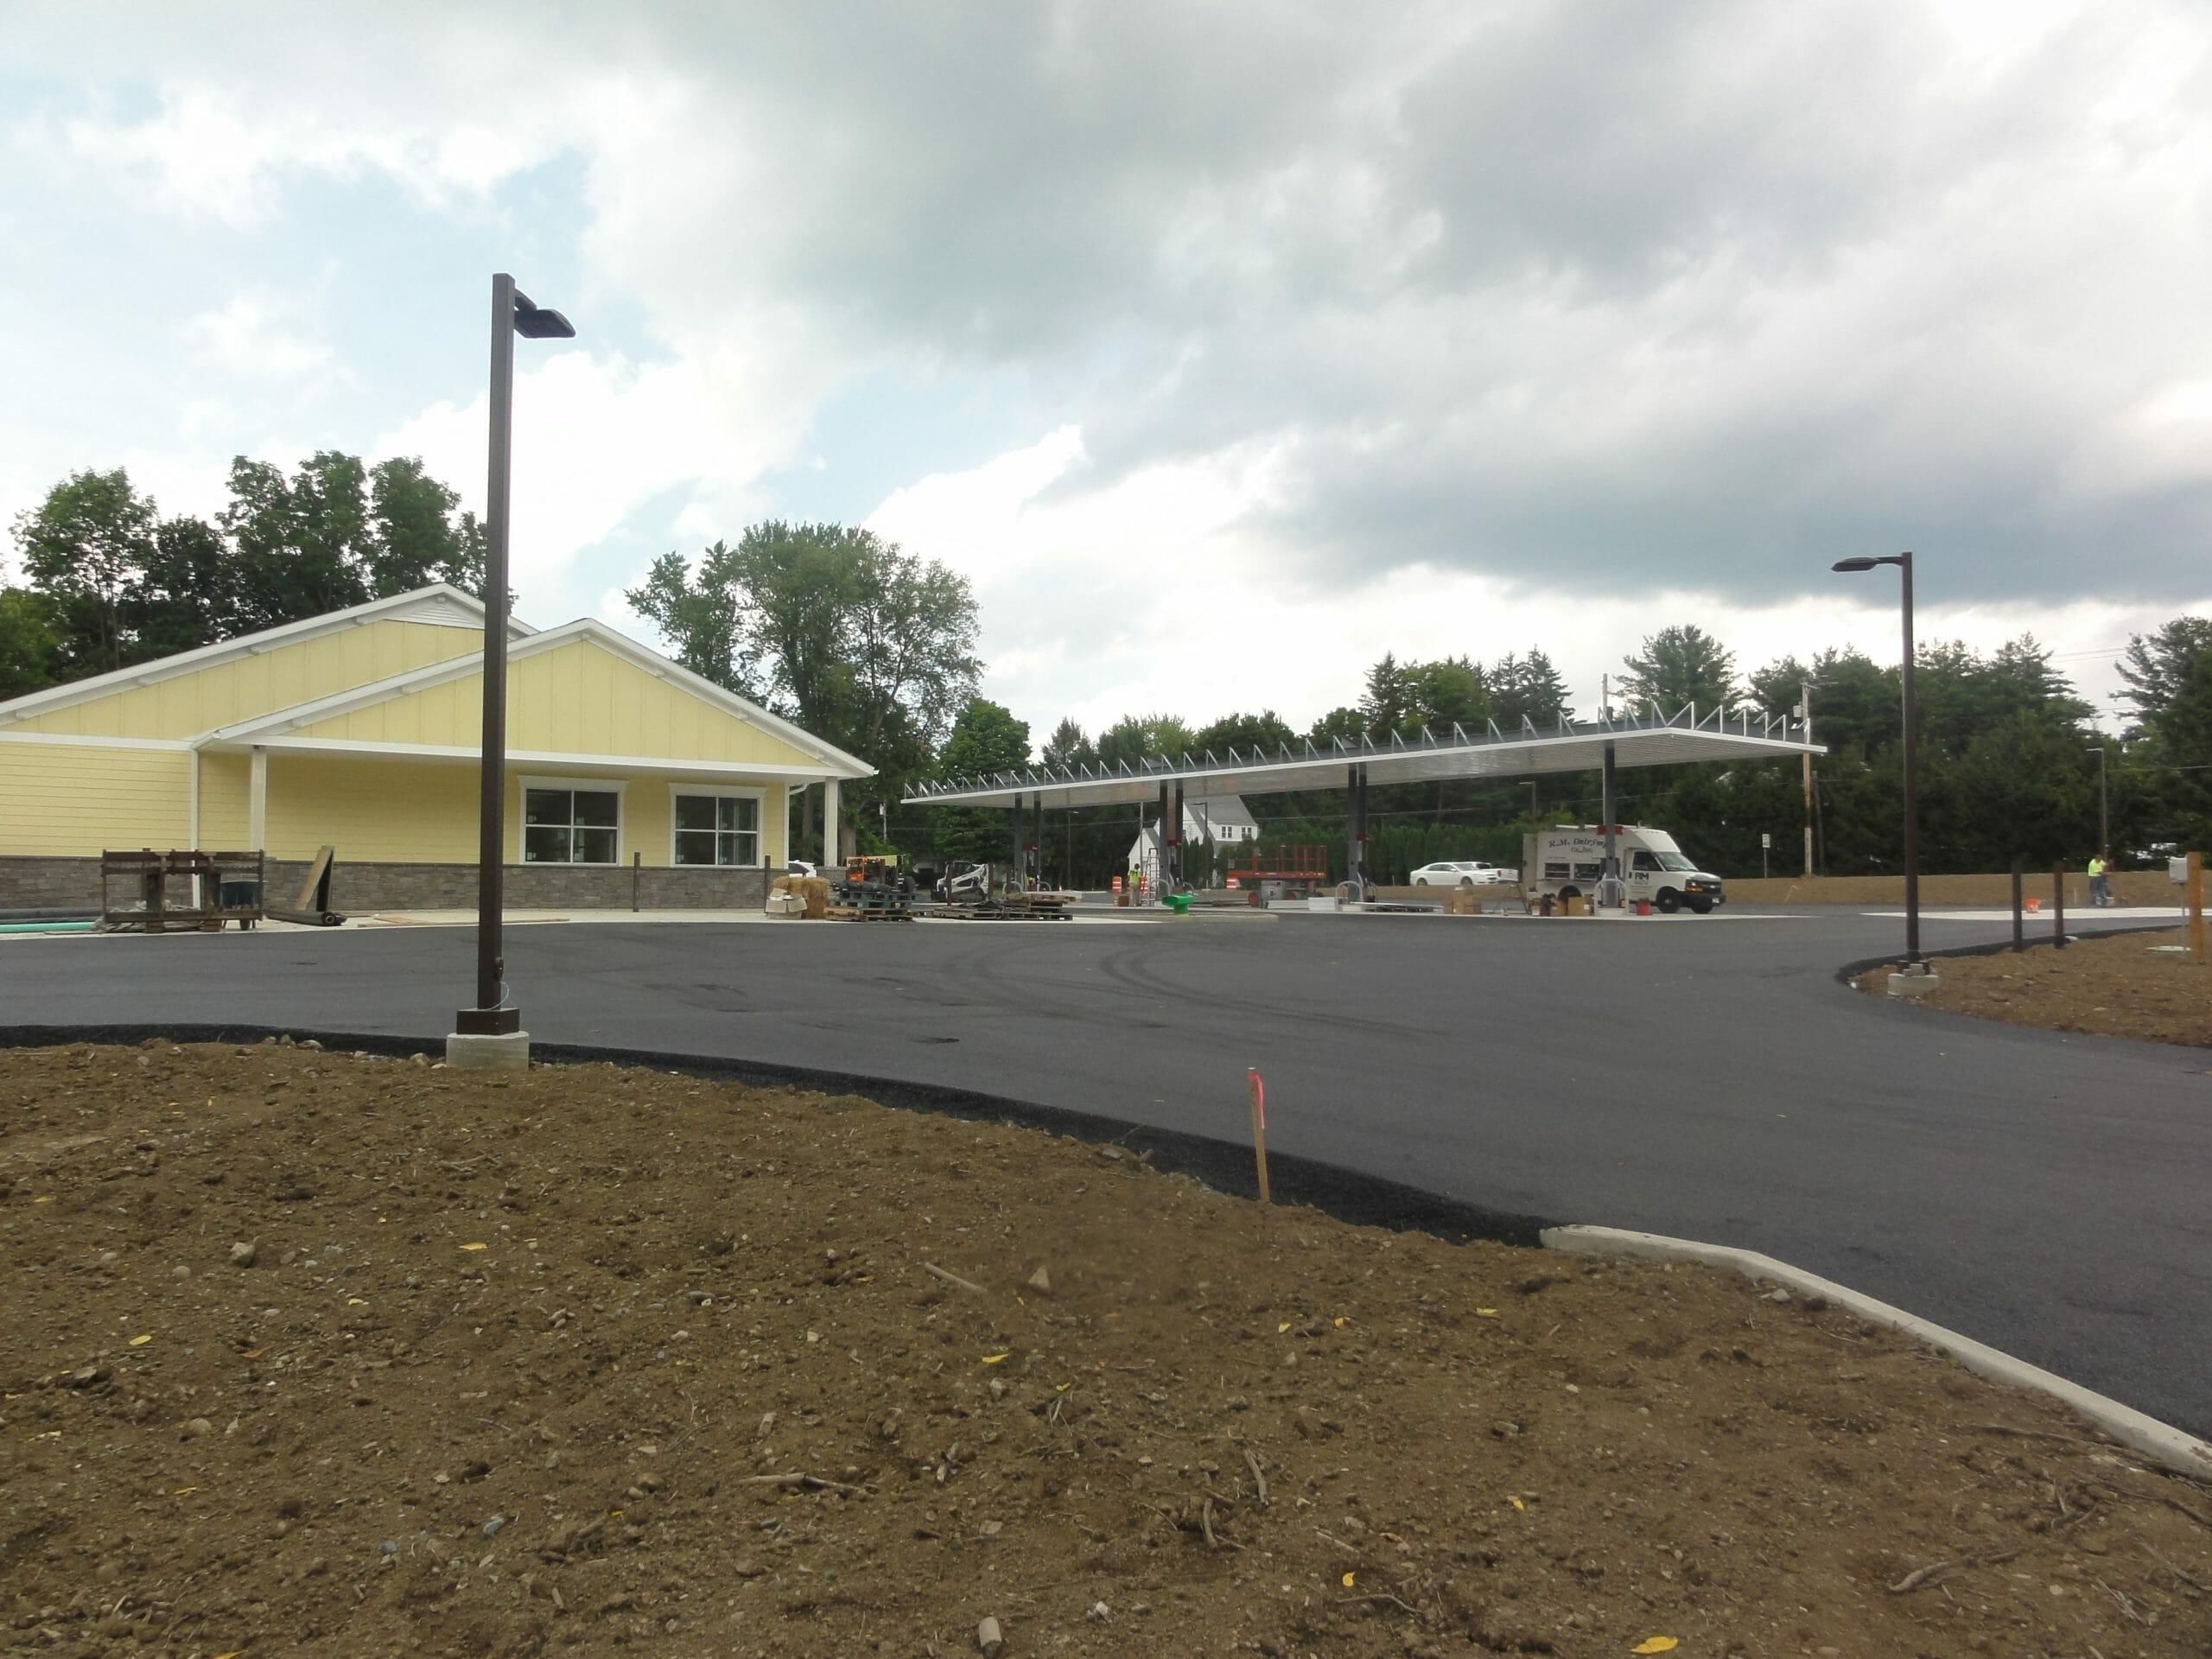 Schodack Shop being built